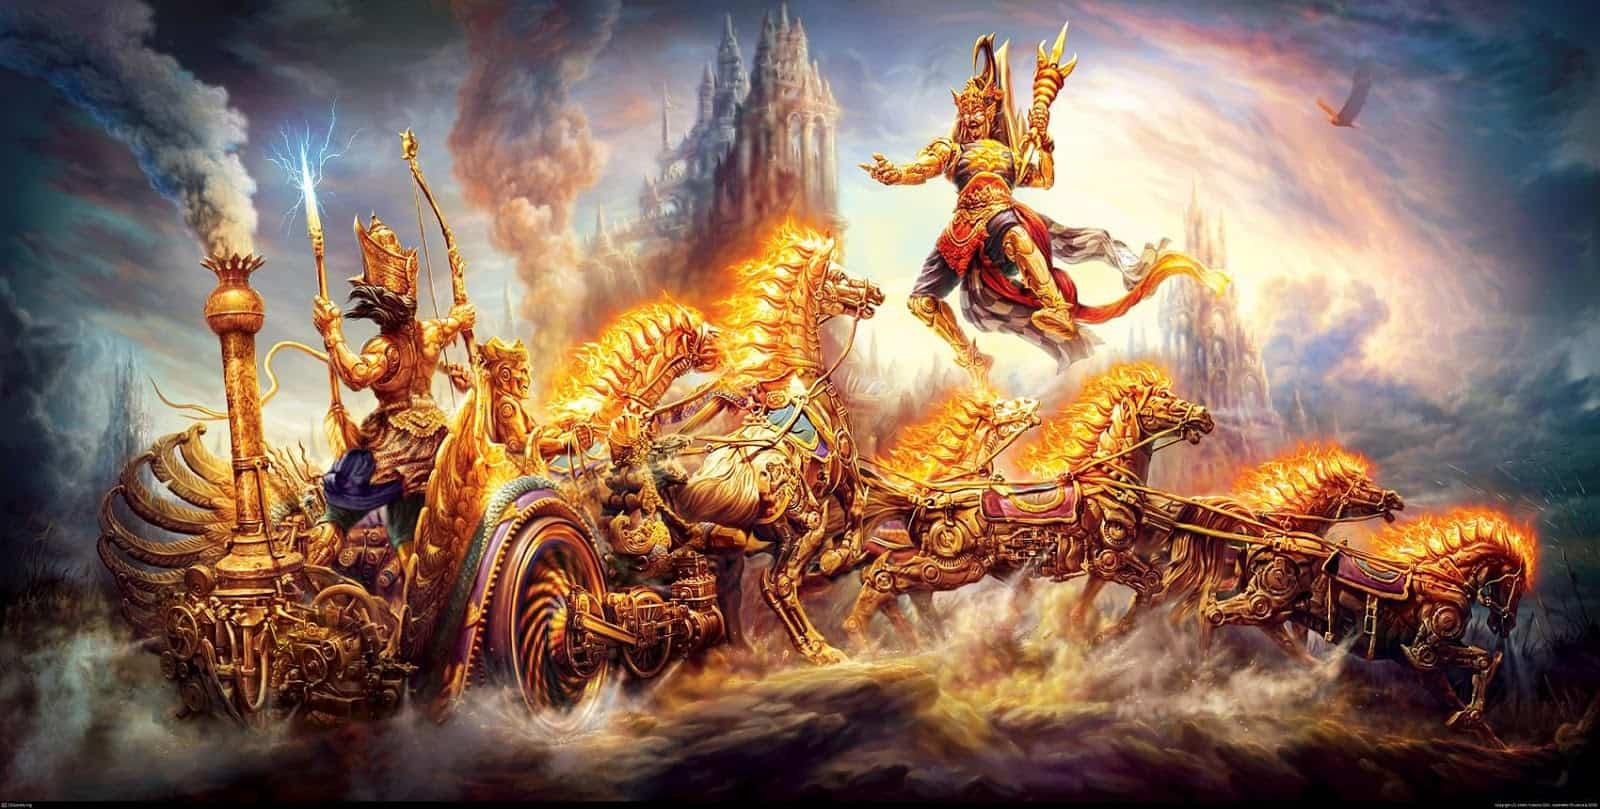 Suryaputra Karna kills Ghatotkacha